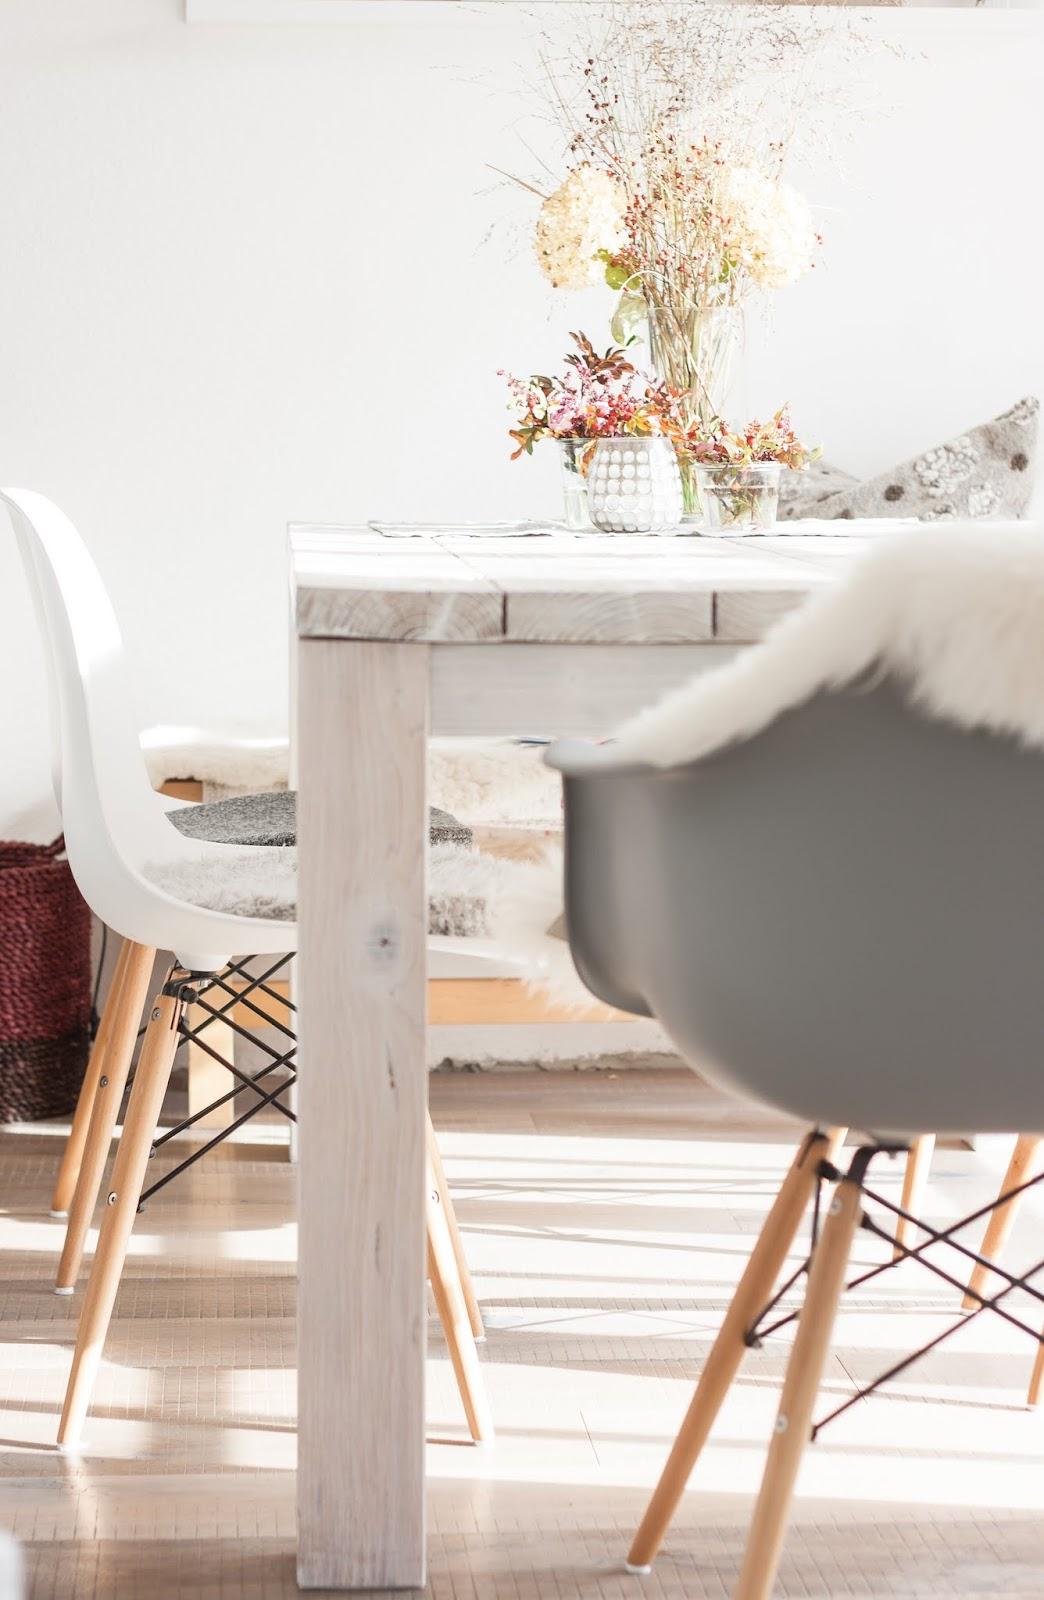 Sitzkissen Eames Chair, Sitzauflage. Ich Bin Auf Jeden Fall Jetzt Richtig  Happy Mit Meinen Eames  Sitzauflagenu2026. Ich Nehme Ab Sofort Bestellungen  Anu2026lach ♥